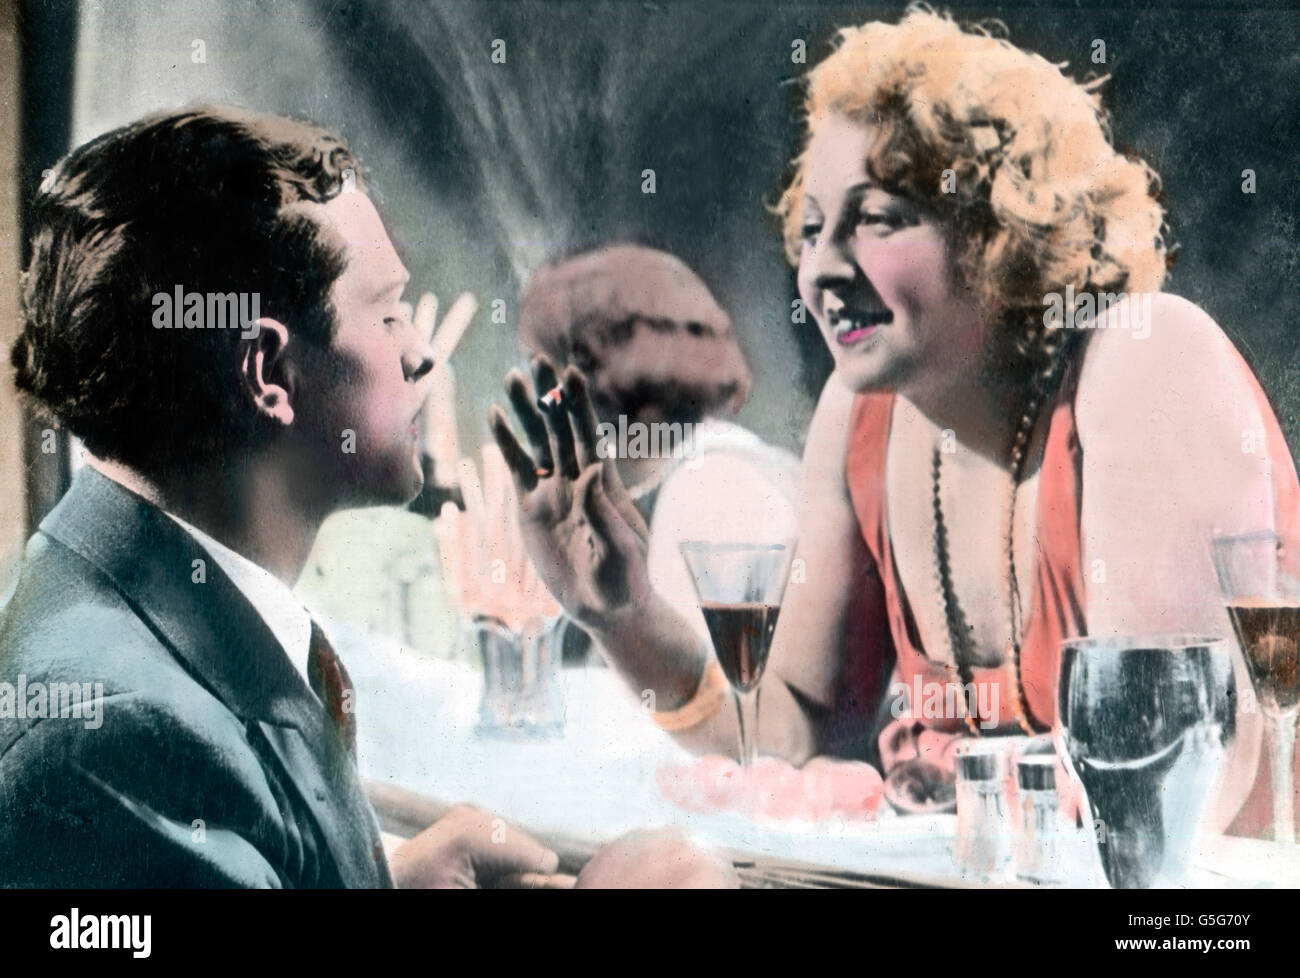 1910s Bar Stockfotos & 1910s Bar Bilder - Alamy